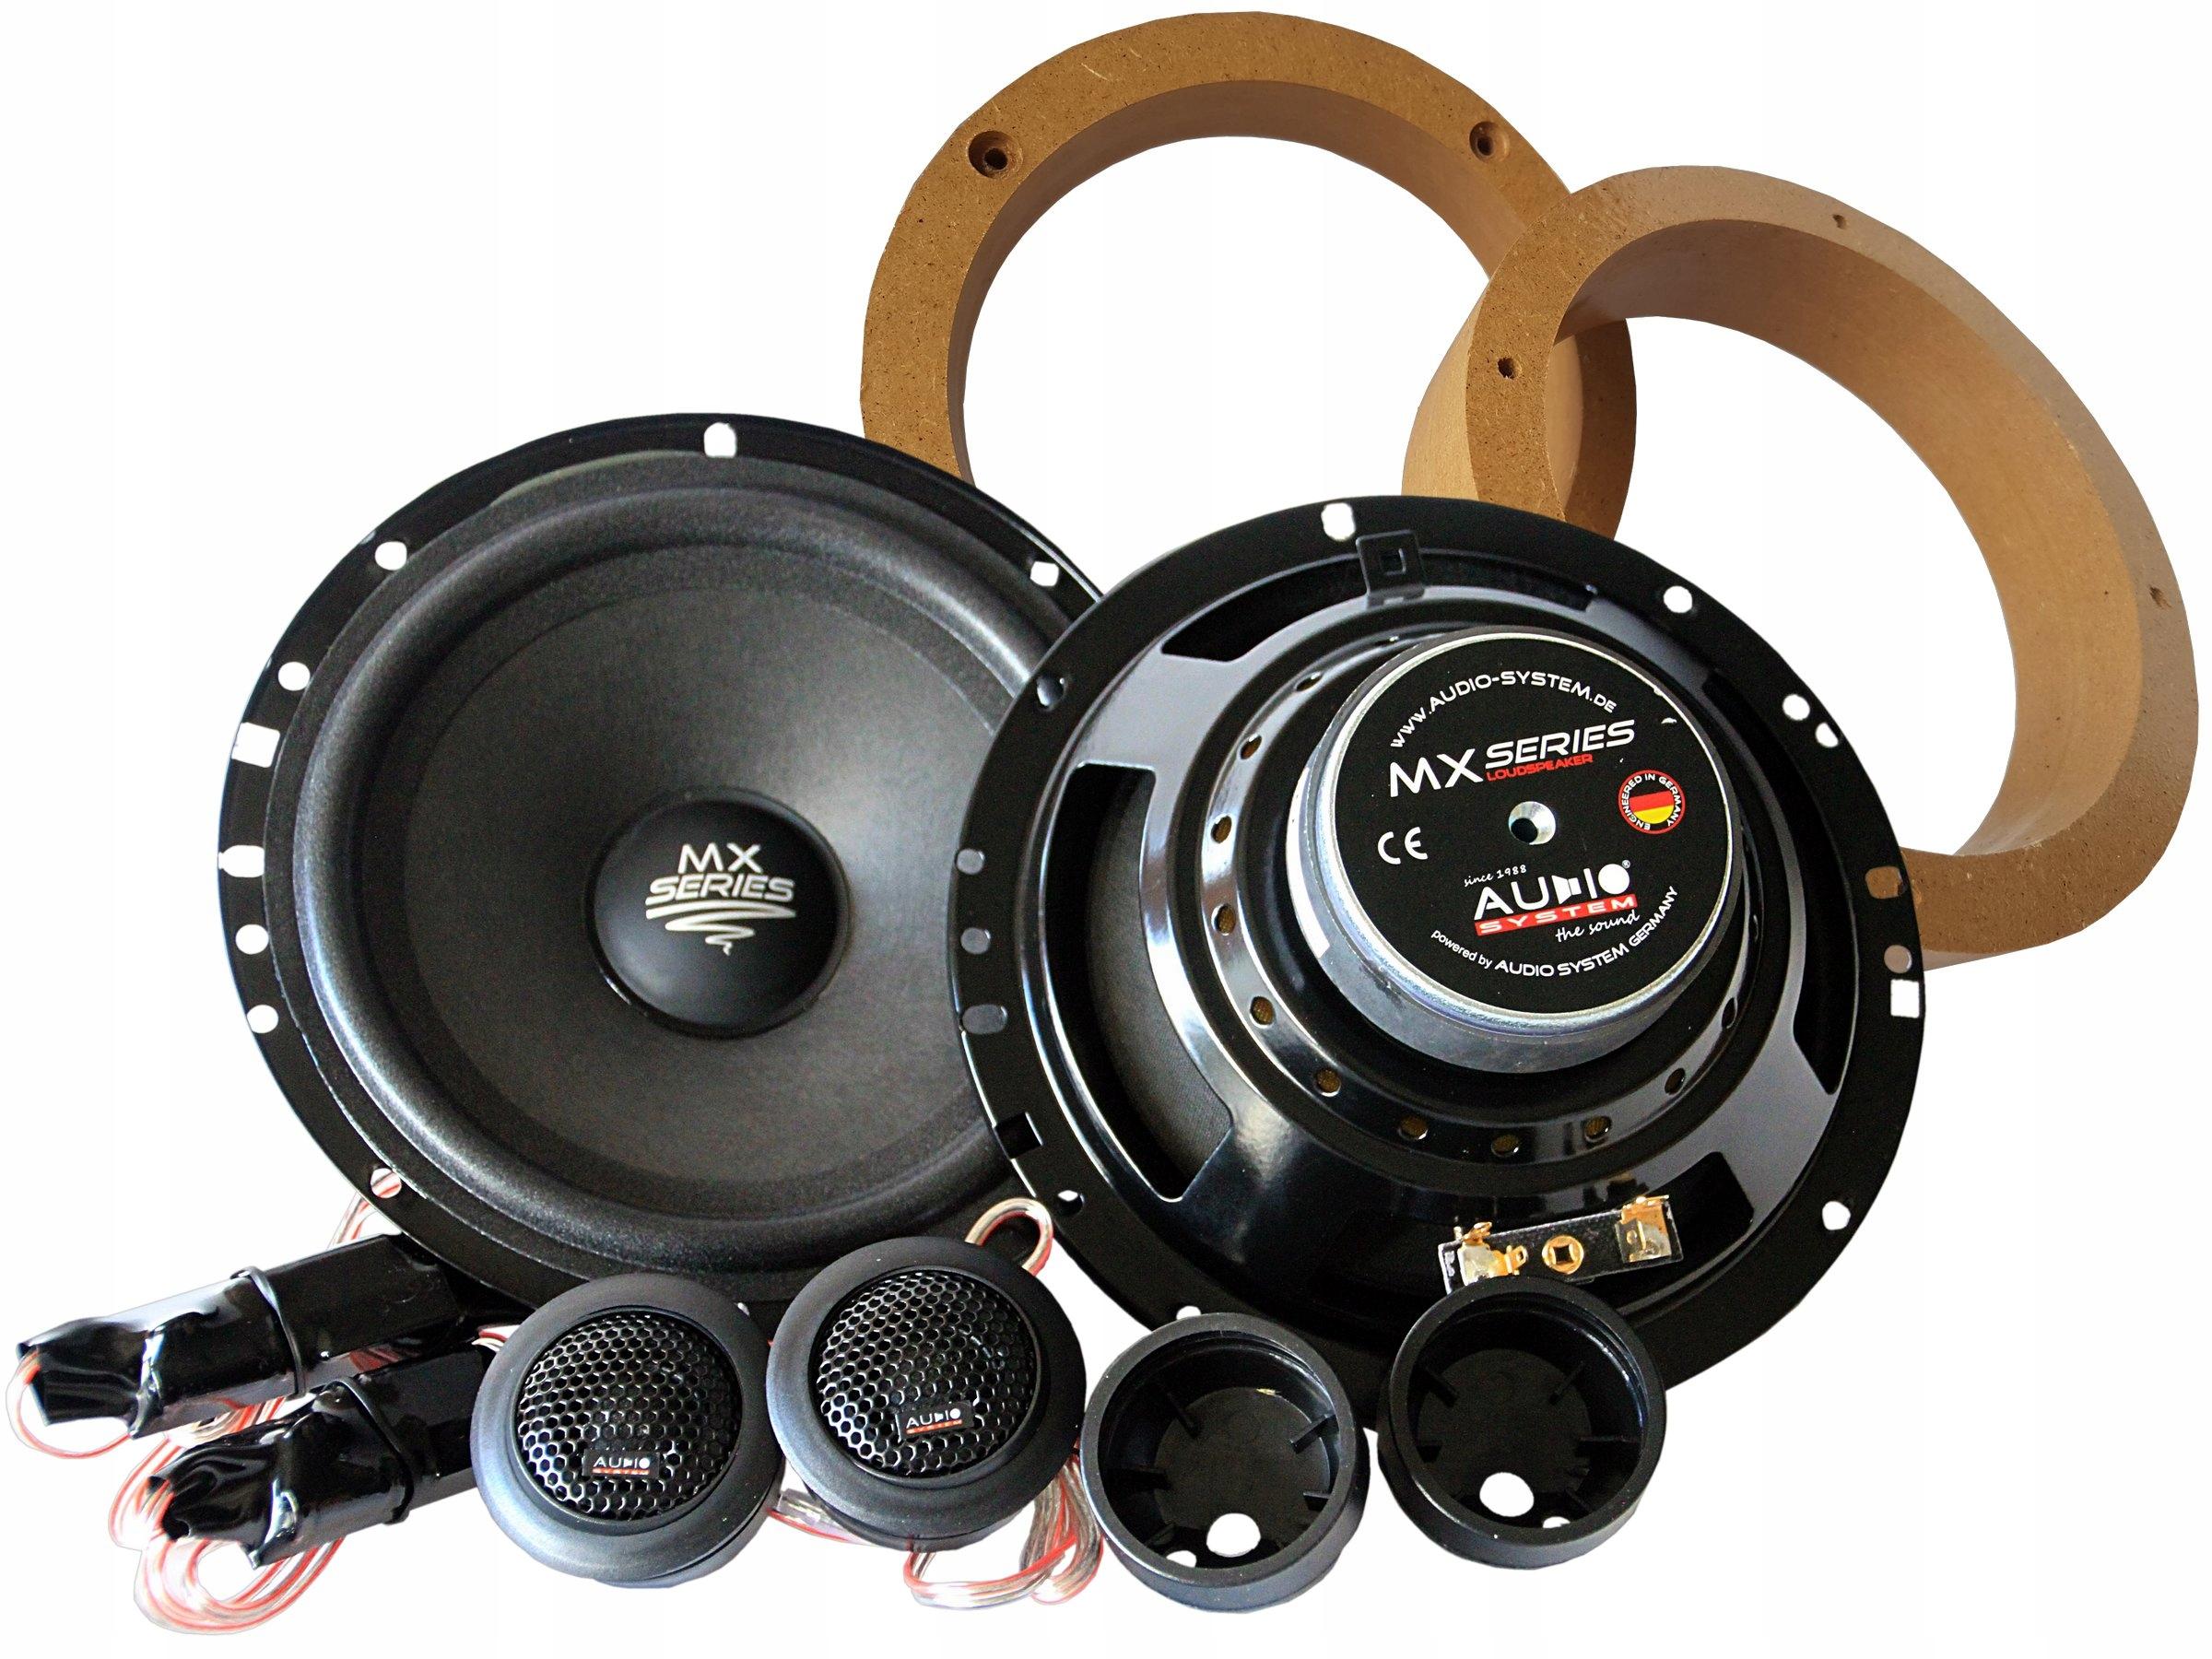 Głośniki Daewoo Lanos Audio System MX165